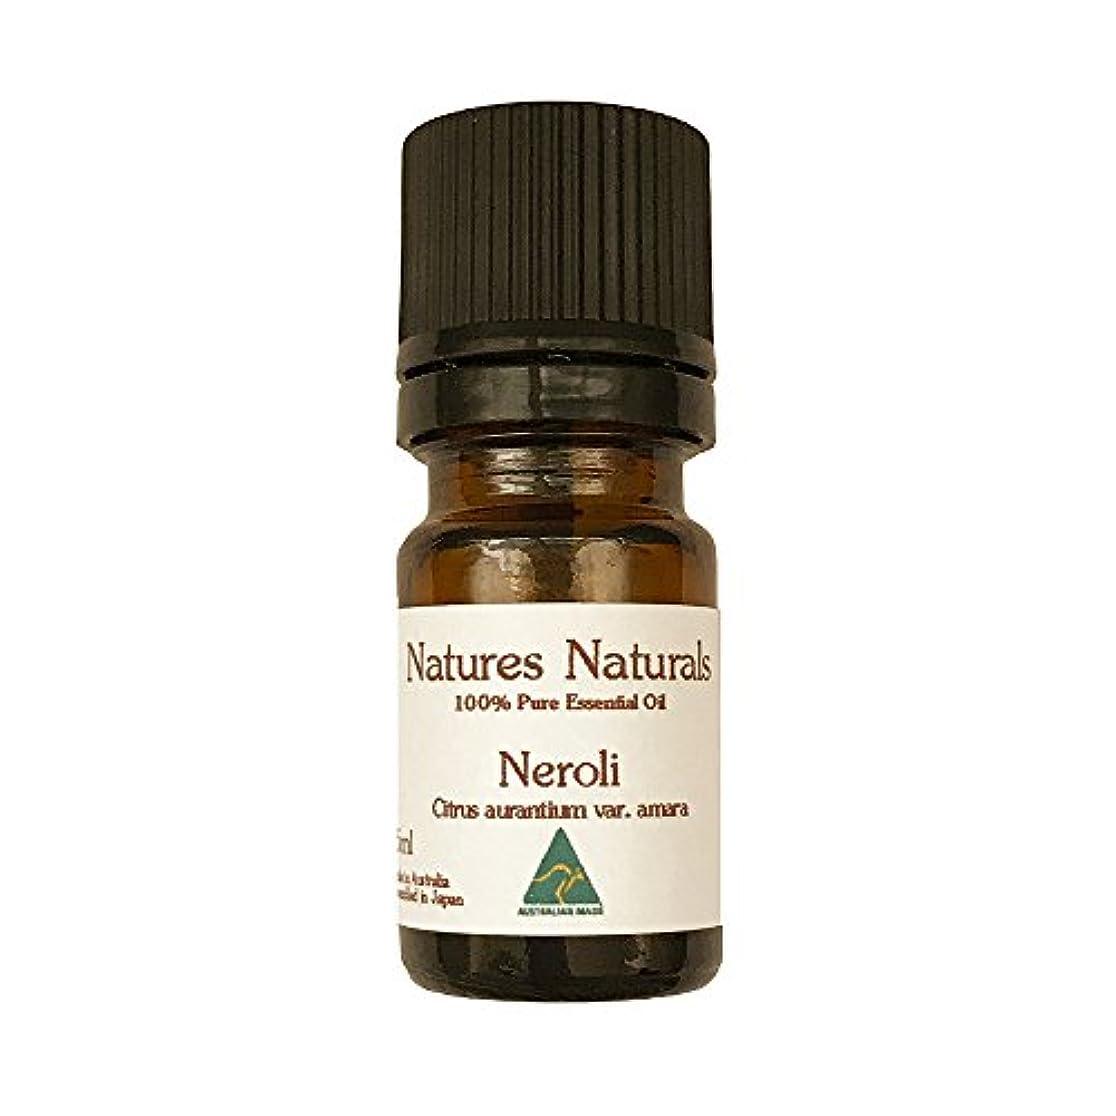 ブロー表示病院ネロリ 100% 天然精油 エッセンシャルオイル 5ml イタリア産ネロリ pure neroli essential oil